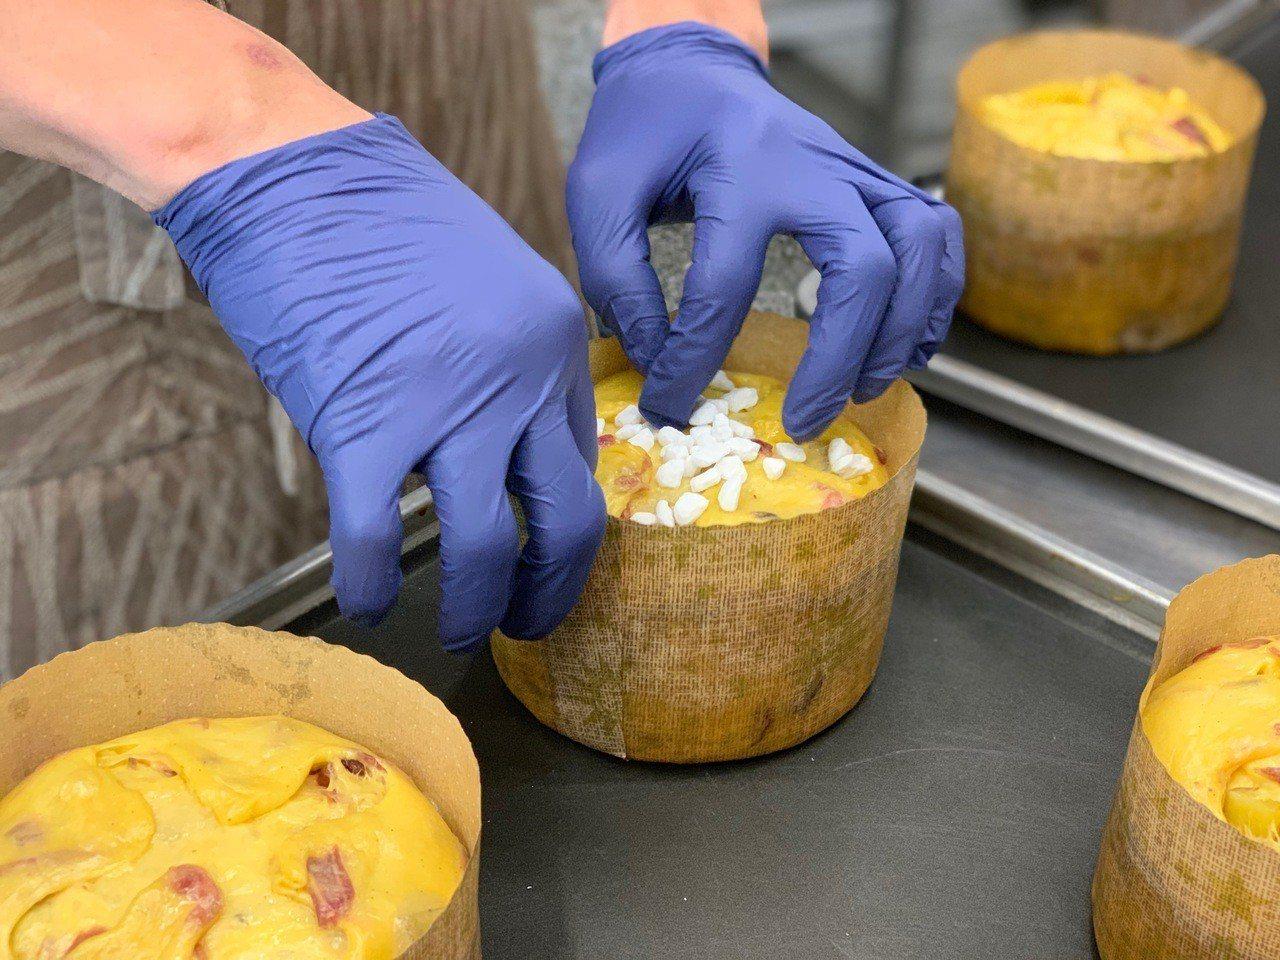 「新天堂麵包」將花蓮在地洛神花乾混入麵團。記者張芳瑜/攝影